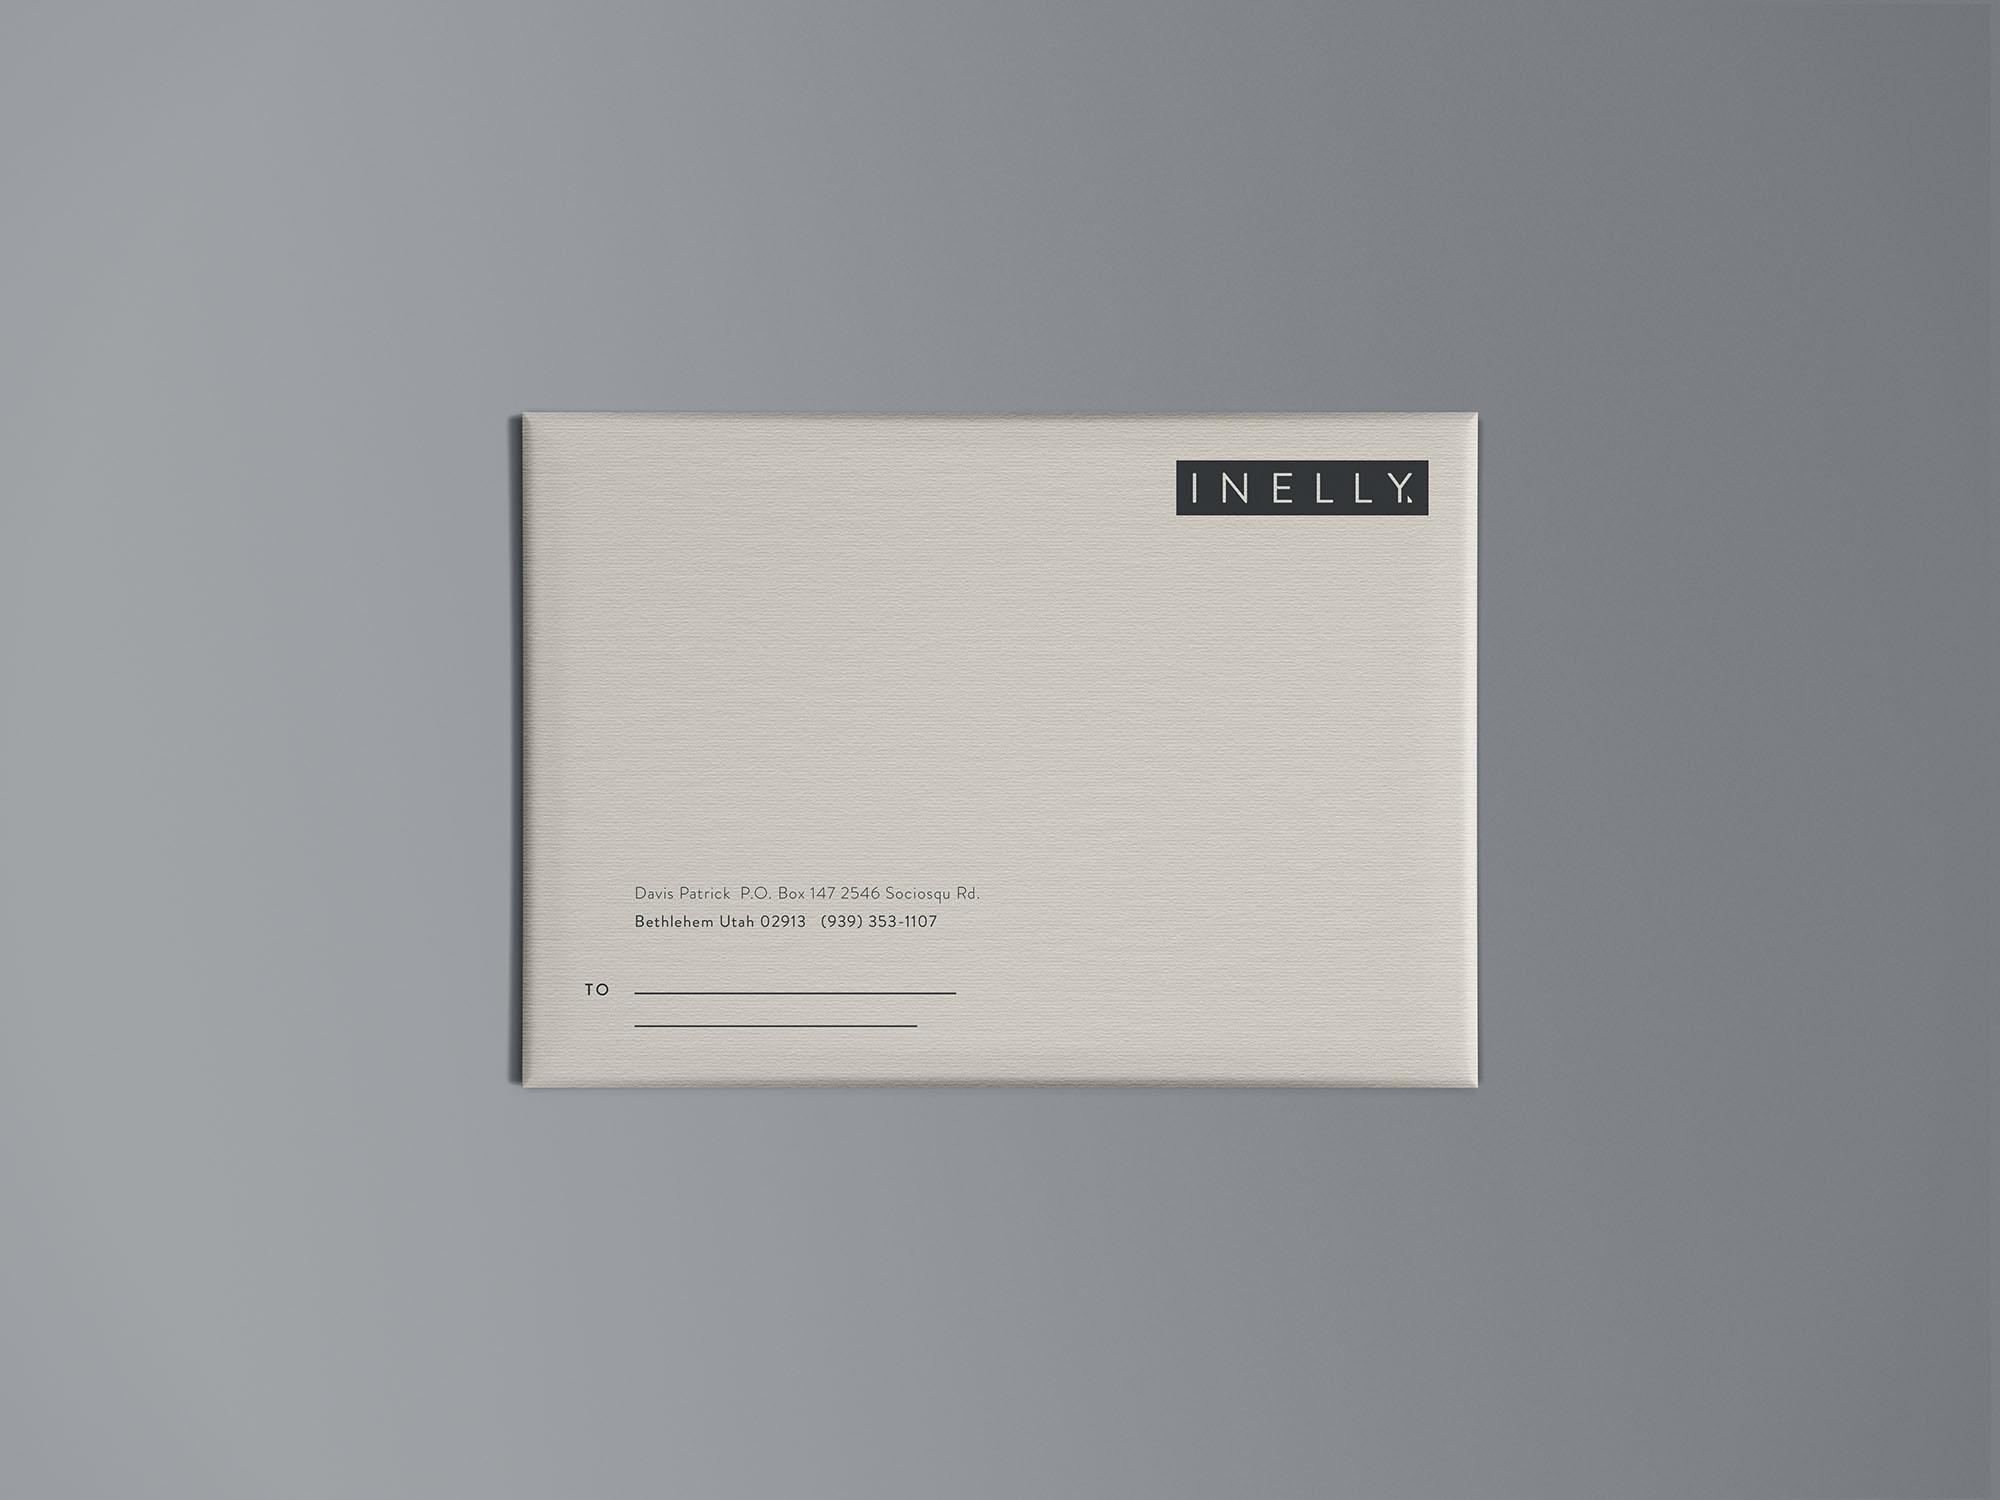 Paper Packaging Mockup